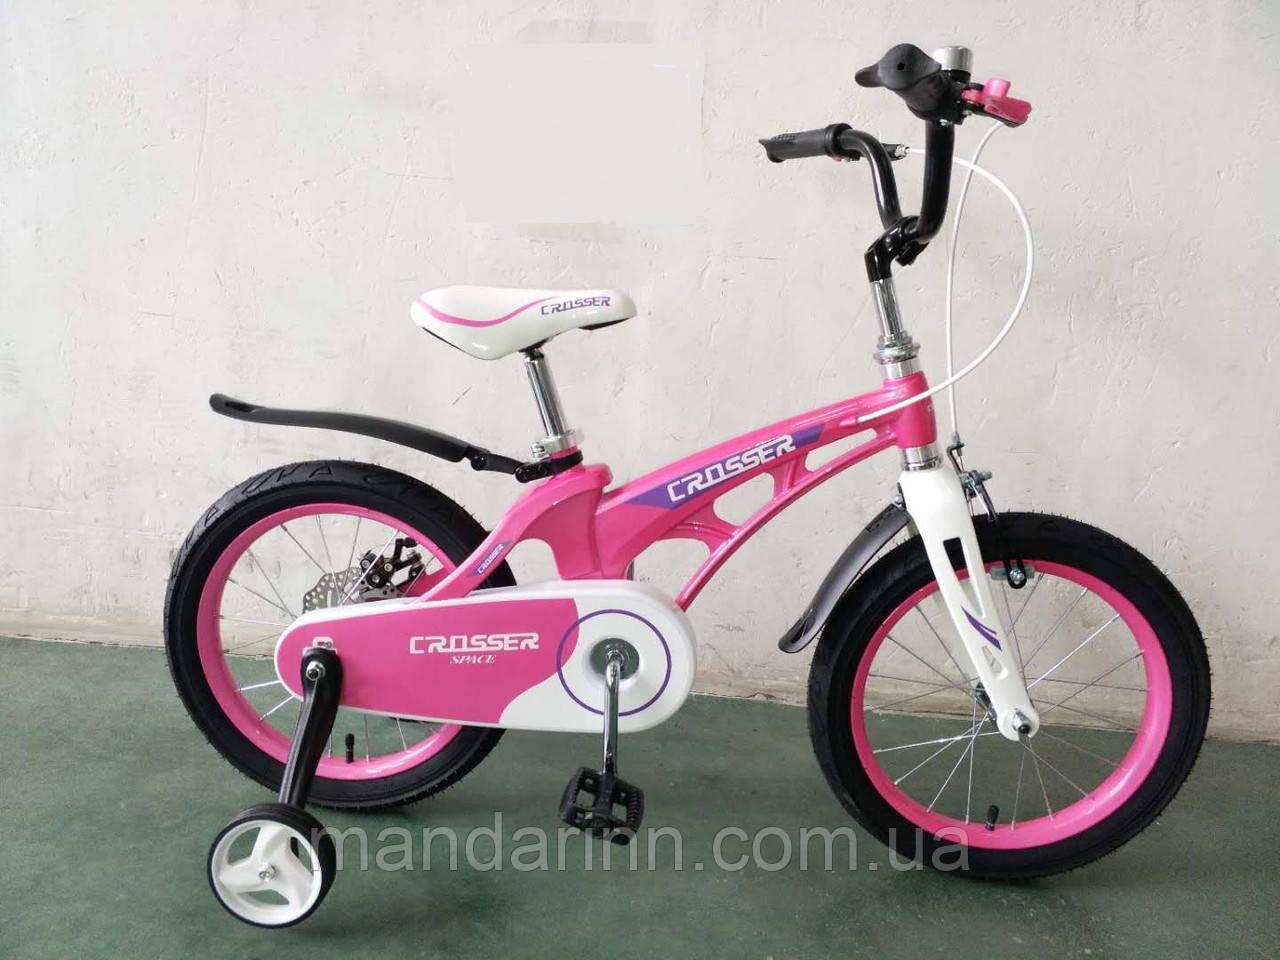 """Детский Велосипед """"Crosser-18"""" Розовый. Суперлегкий."""